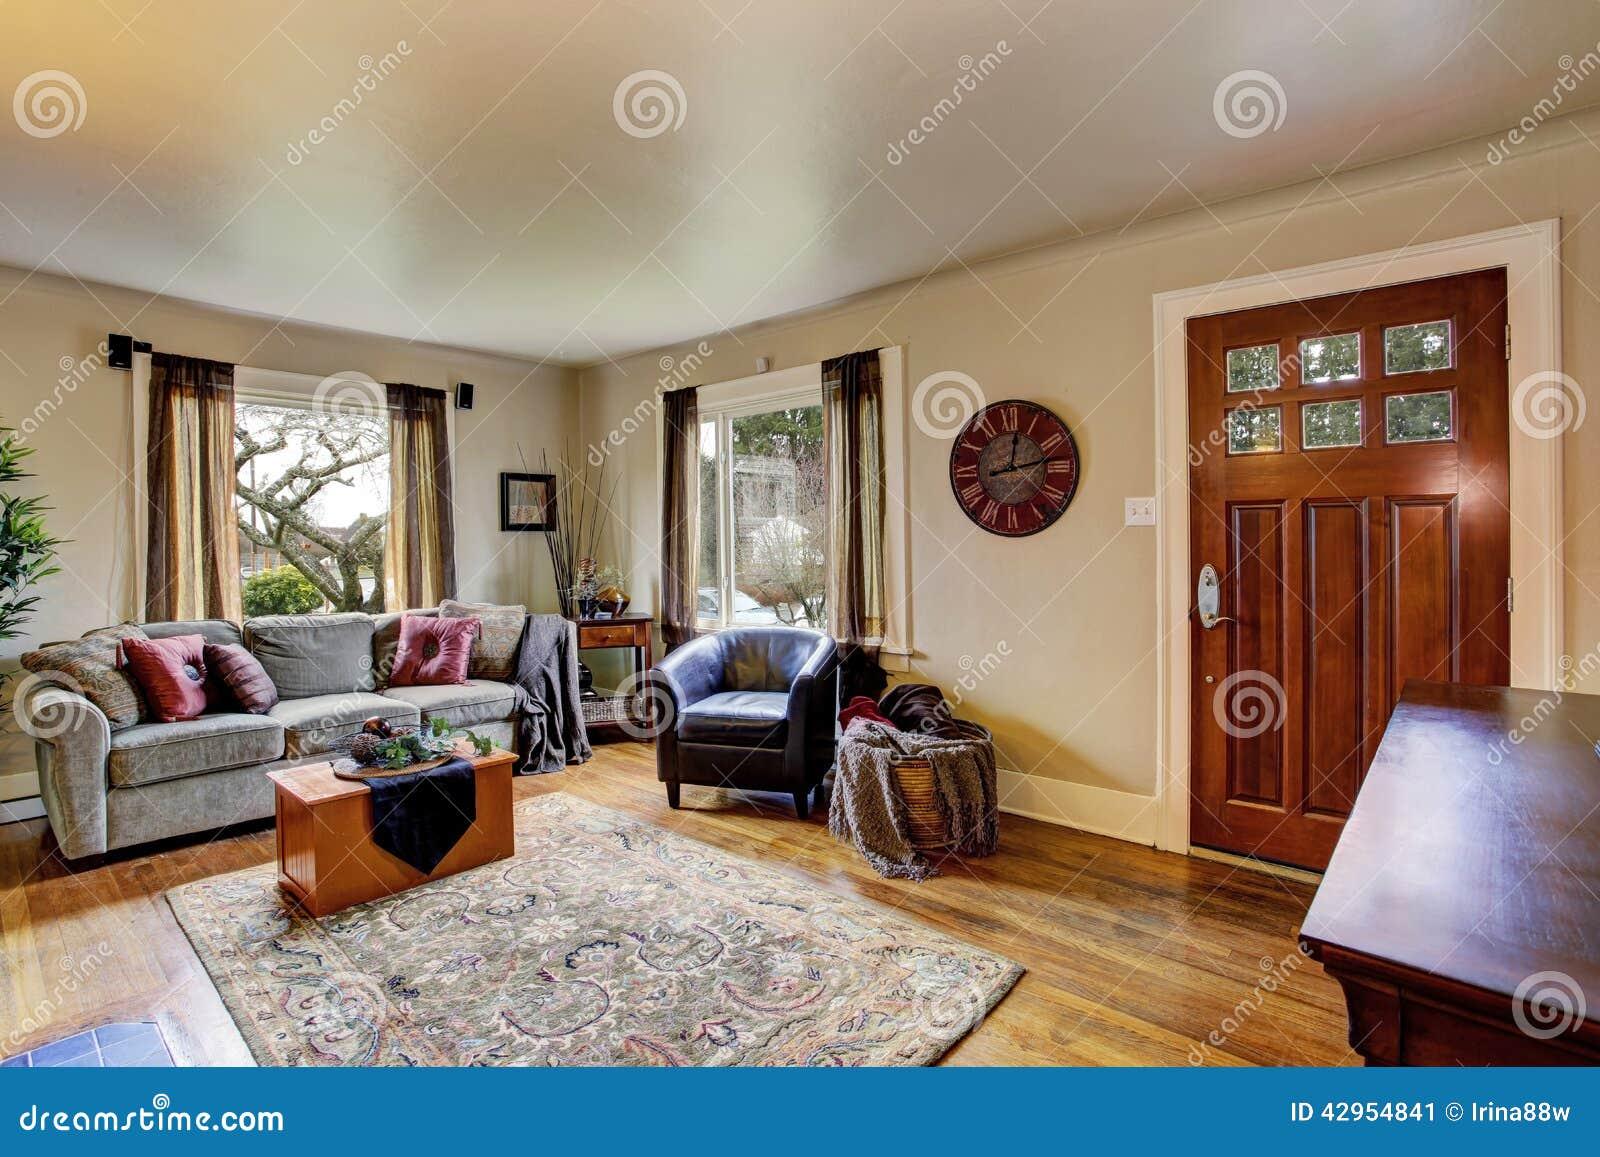 Interieur De Maison Americaine - belle maison au design int rieur ...